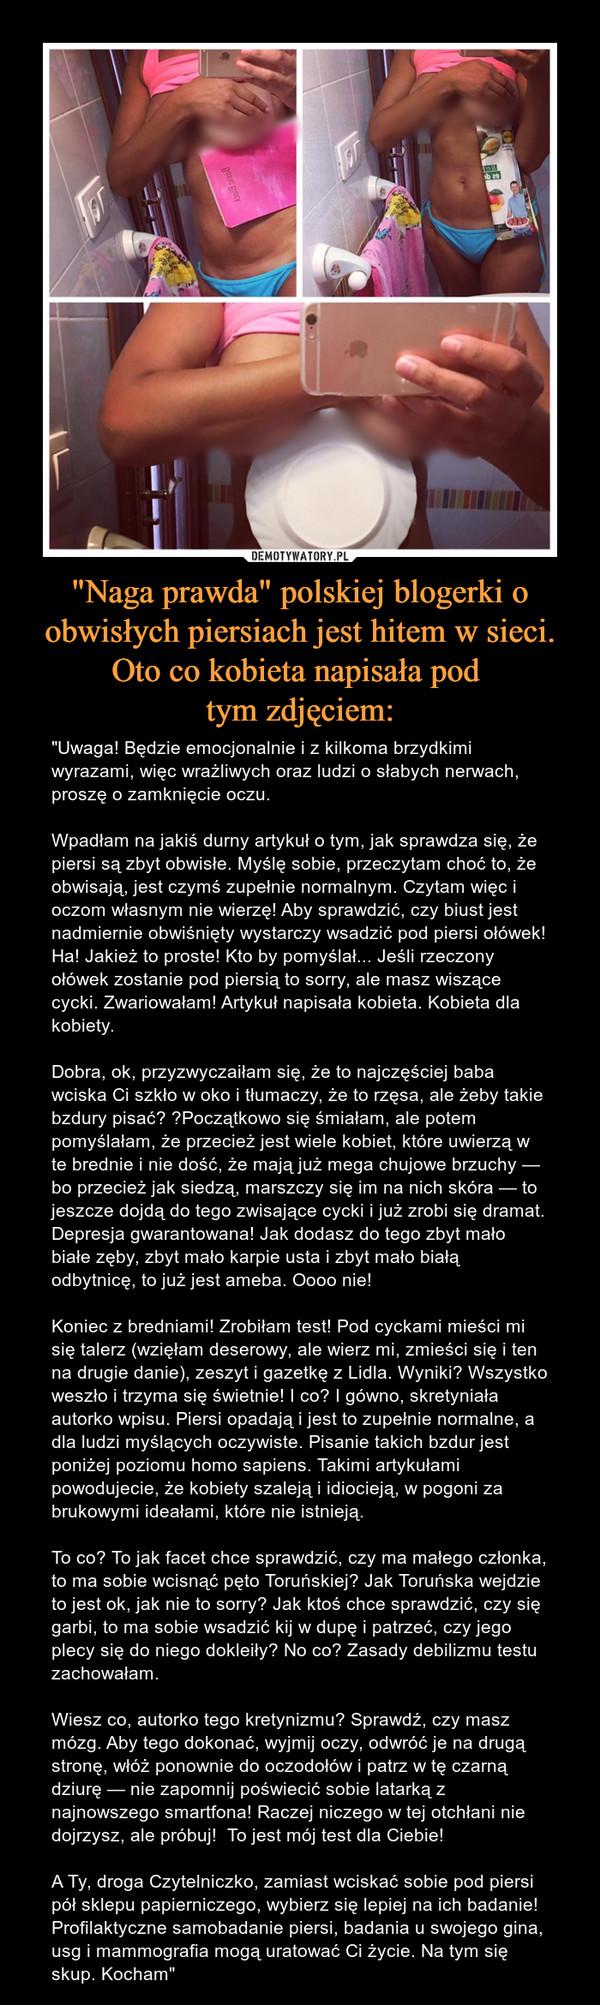 """""""Naga prawda"""" polskiej blogerki o obwisłych piersiach jest hitem w sieci. Oto co kobieta napisała pod tym zdjęciem: – """"Uwaga! Będzie emocjonalnie i z kilkoma brzydkimi wyrazami, więc wrażliwych oraz ludzi o słabych nerwach, proszę o zamknięcie oczu.Wpadłam na jakiś durny artykuł o tym, jak sprawdza się, że piersi są zbyt obwisłe. Myślę sobie, przeczytam choć to, że obwisają, jest czymś zupełnie normalnym. Czytam więc i oczom własnym nie wierzę! Aby sprawdzić, czy biust jest nadmiernie obwiśnięty wystarczy wsadzić pod piersi ołówek! Ha! Jakież to proste! Kto by pomyślał... Jeśli rzeczony ołówek zostanie pod piersią to sorry, ale masz wiszące cycki. Zwariowałam! Artykuł napisała kobieta. Kobieta dla kobiety.Dobra, ok, przyzwyczaiłam się, że to najczęściej baba wciska Ci szkło w oko i tłumaczy, że to rzęsa, ale żeby takie bzdury pisać? Początkowo się śmiałam, ale potem pomyślałam, że przecież jest wiele kobiet, które uwierzą w te brednie i nie dość, że mają już mega chujowe brzuchy — bo przecież jak siedzą, marszczy się im na nich skóra — to jeszcze dojdą do tego zwisające cycki i już zrobi się dramat. Depresja gwarantowana! Jak dodasz do tego zbyt mało białe zęby, zbyt mało karpie usta i zbyt mało białą odbytnicę, to już jest ameba. Oooo nie!Koniec z bredniami! Zrobiłam test! Pod cyckami mieści mi się talerz (wzięłam deserowy, ale wierz mi, zmieści się i ten na drugie danie), zeszyt i gazetkę z Lidla. Wyniki? Wszystko weszło i trzyma się świetnie! I co? I gówno, skretyniała autorko wpisu. Piersi opadają i jest to zupełnie normalne, a dla ludzi myślących oczywiste. Pisanie takich bzdur jest poniżej poziomu homo sapiens. Takimi artykułami powodujecie, że kobiety szaleją i idiocieją, w pogoni za brukowymi ideałami, które nie istnieją.To co? To jak facet chce sprawdzić, czy ma małego członka, to ma sobie wcisnąć pęto Toruńskiej? Jak Toruńska wejdzie to jest ok, jak nie to sorry? Jak ktoś chce sprawdzić, czy się garbi, to ma sobie wsadzić kij w dupę i patrzeć, czy jego ple"""